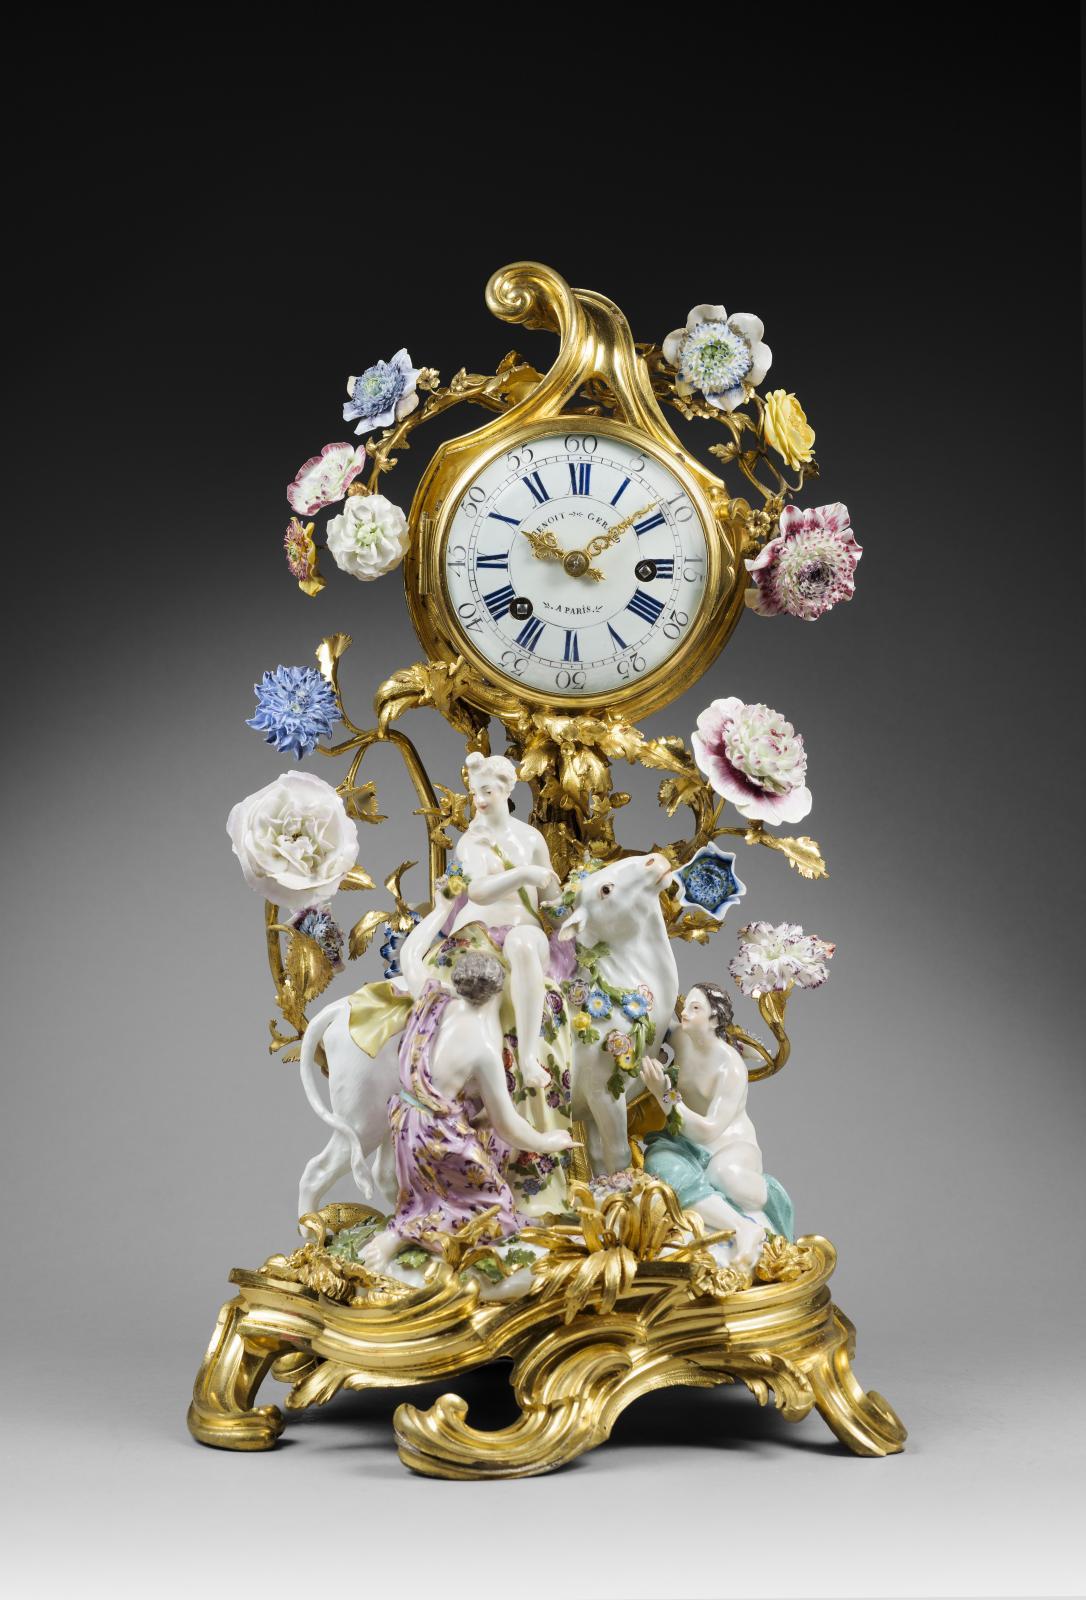 Gérard Benoît, Paris, vers 1750. Pendule «Europe et le taureau», bronze doré, émail et porcelaine de Meissen, époque LouisXV, 48,5x31x26,5cm. Ri